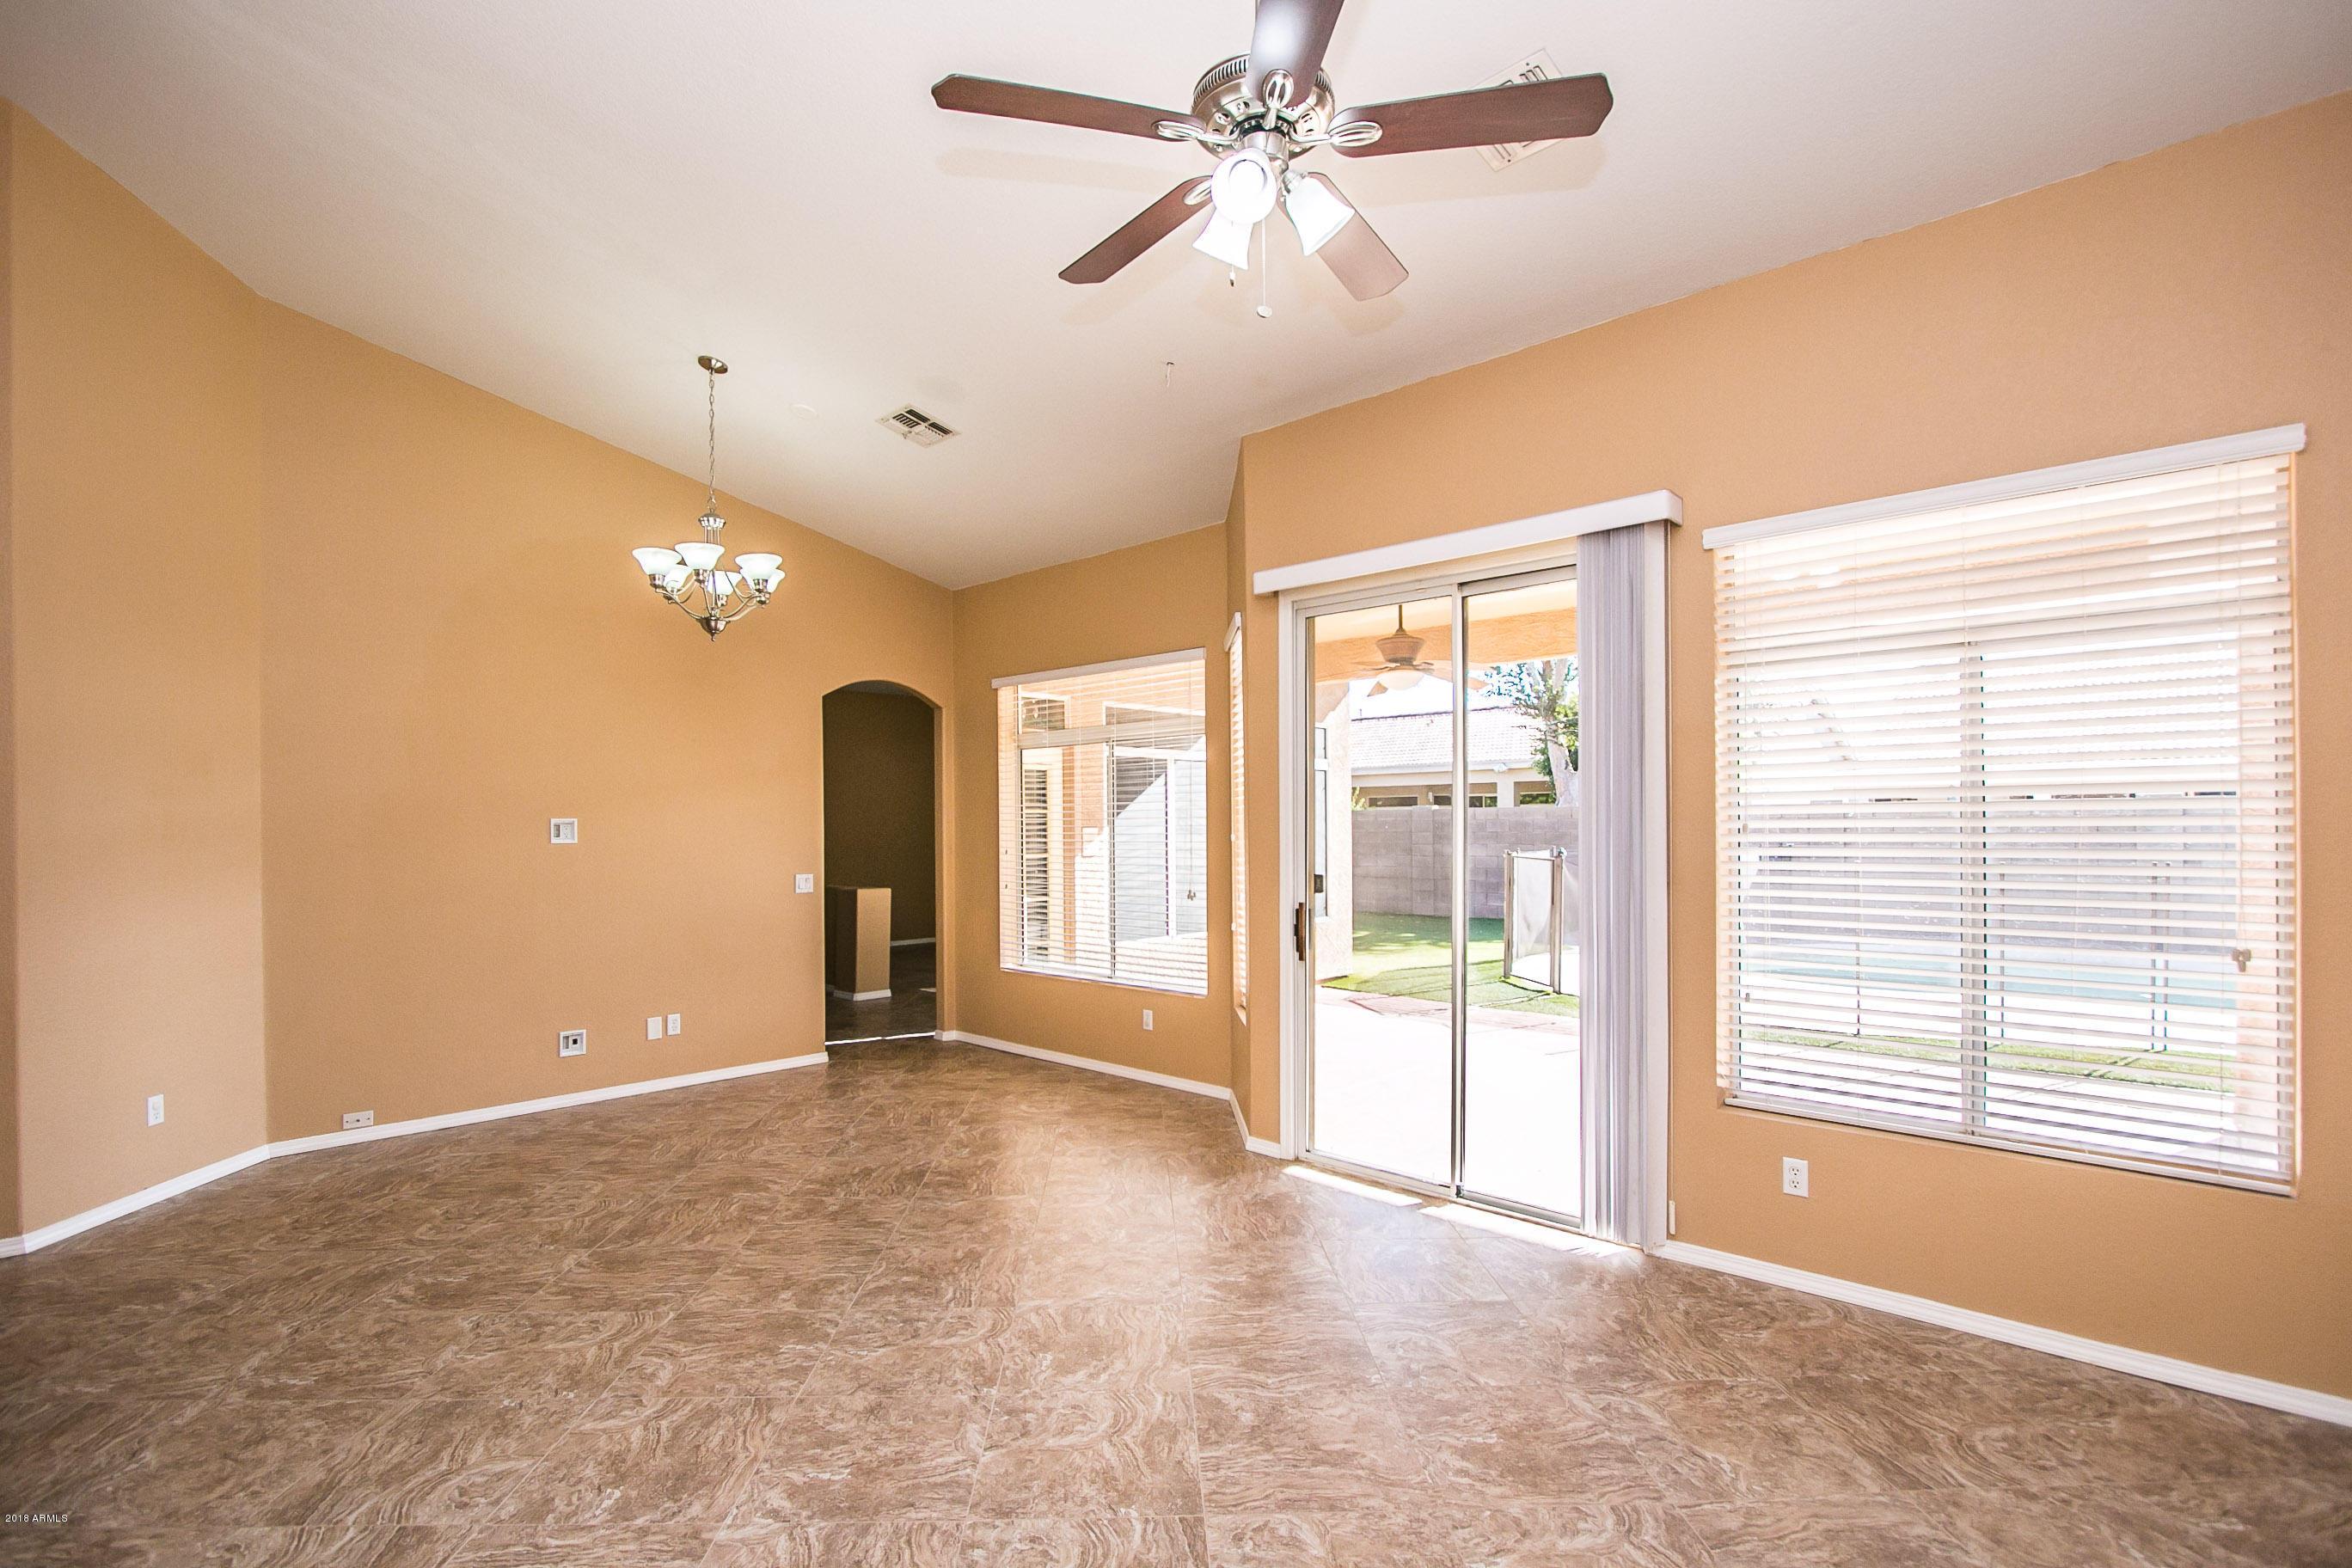 287 W BUENA VISTA Drive Tempe, AZ 85284 - MLS #: 5853847